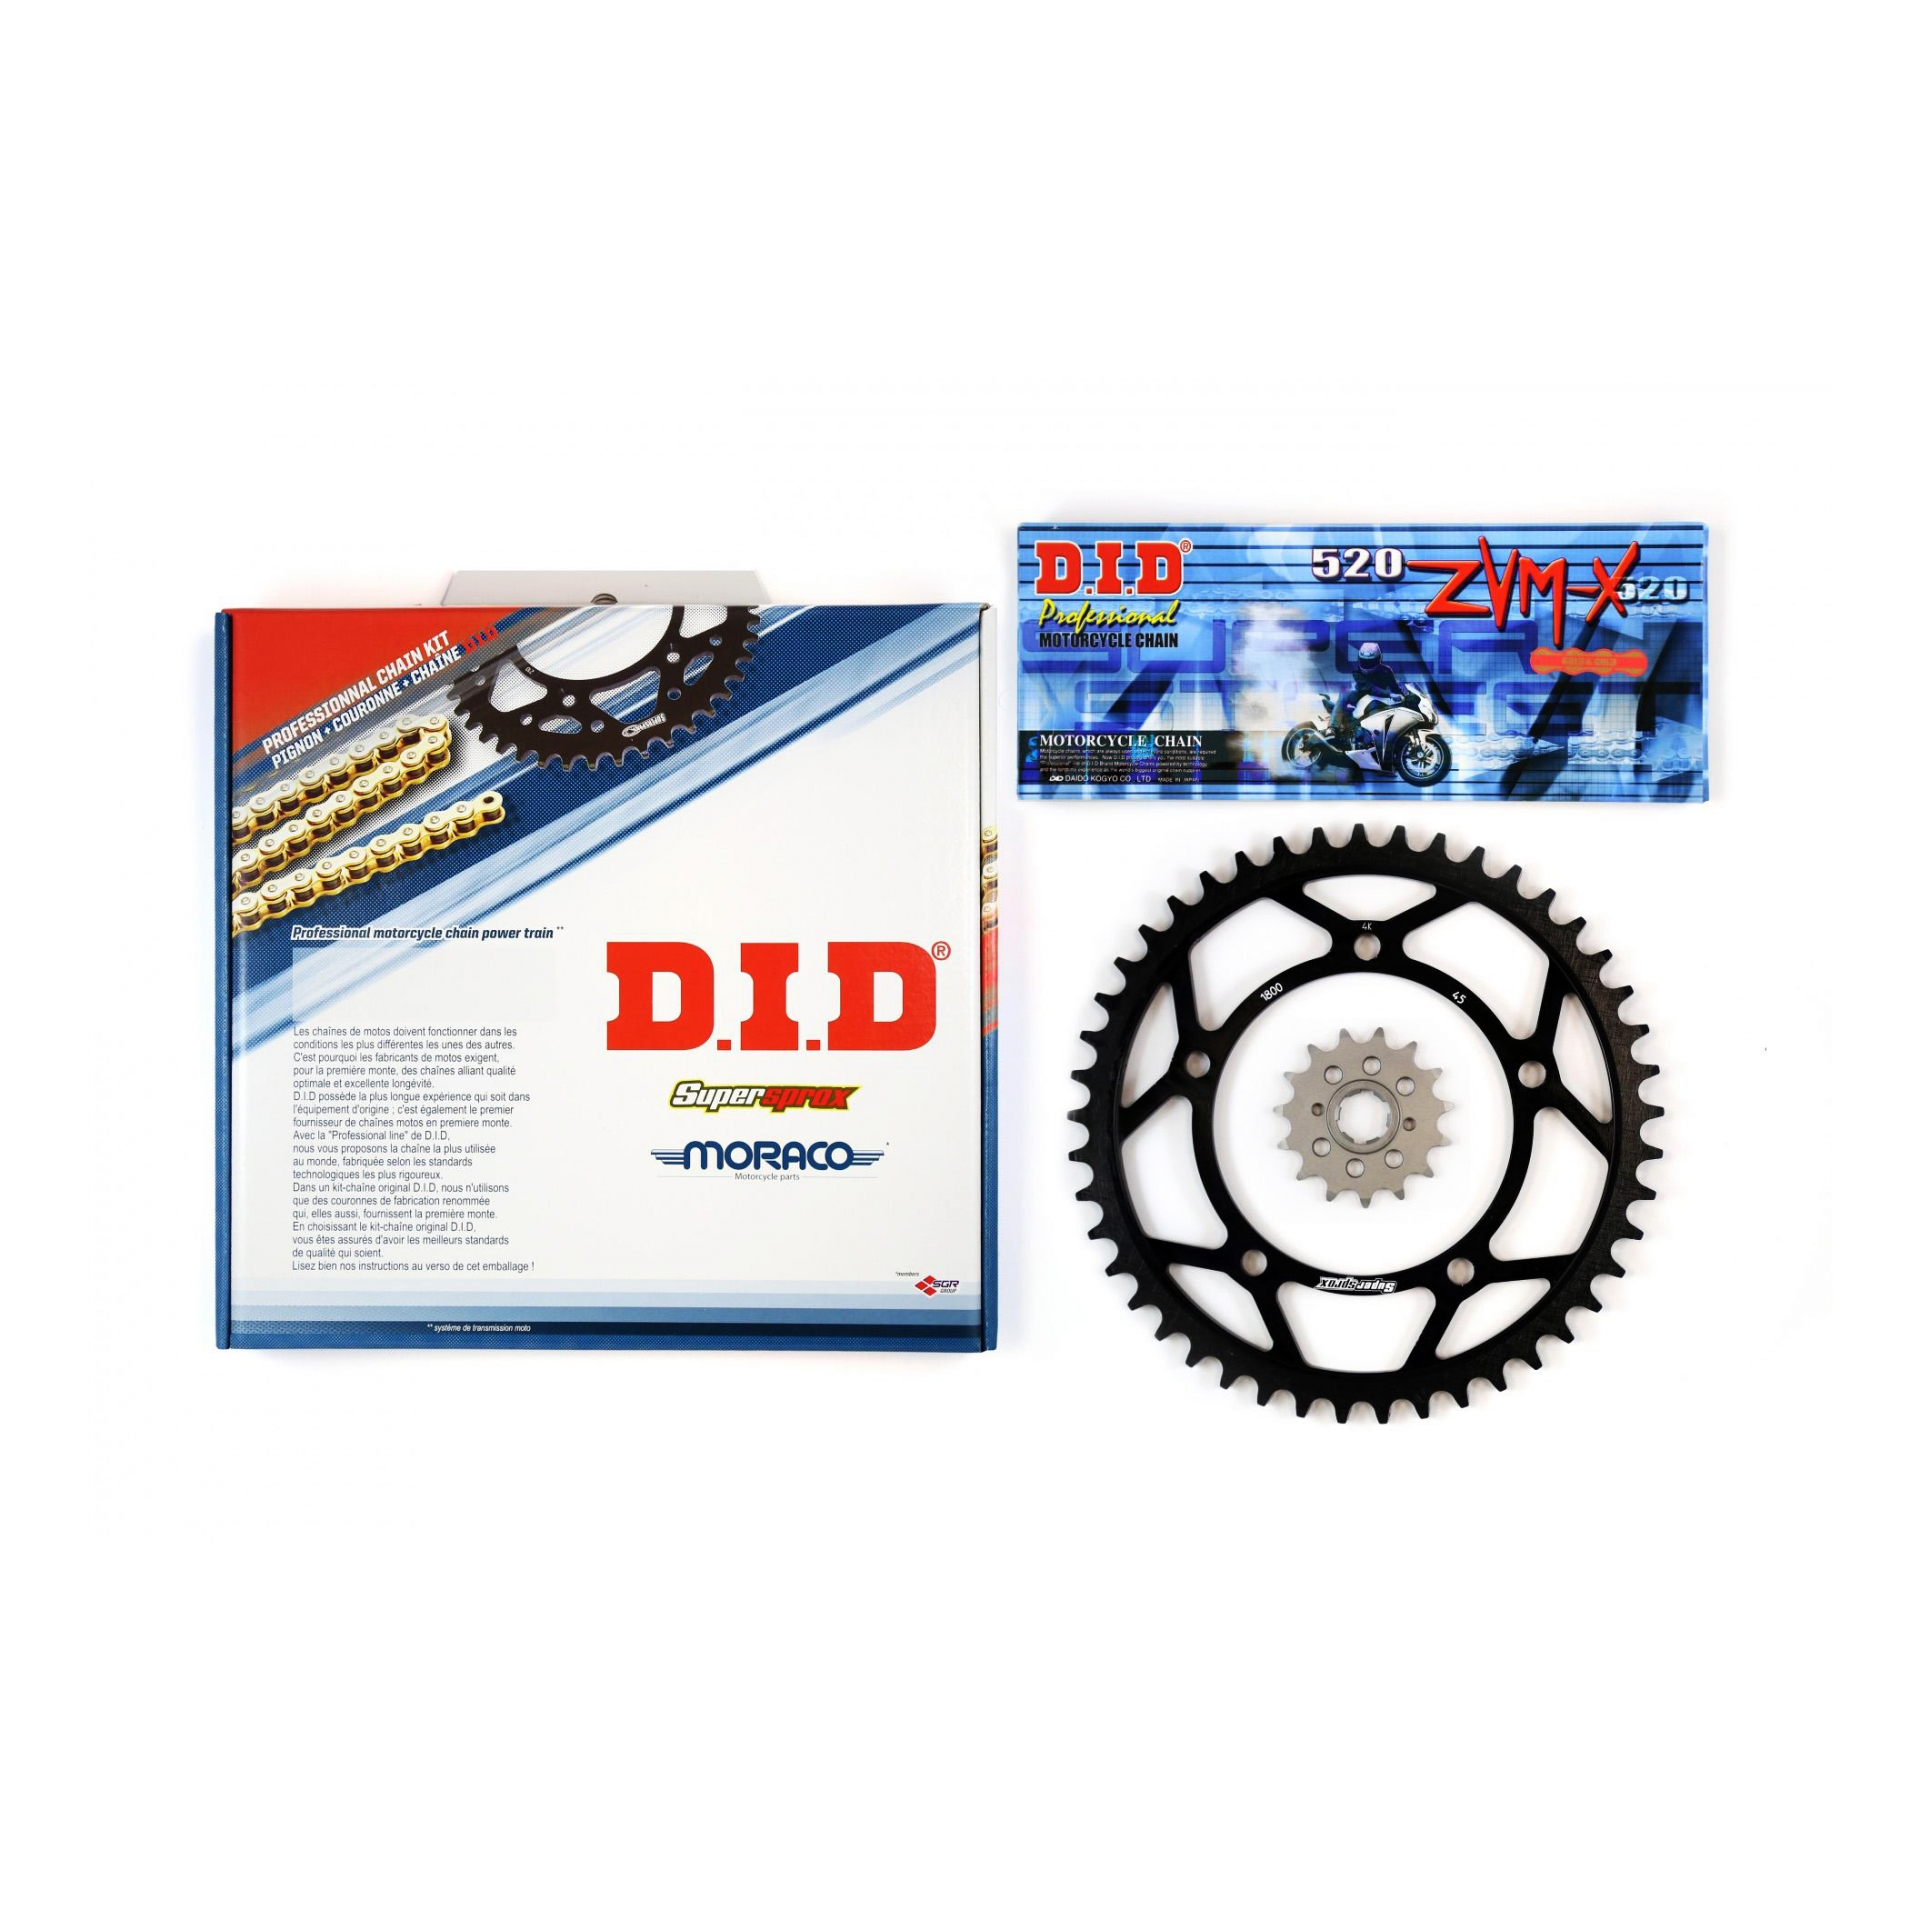 Kit chaîne DID acier Yamaha XVS 125 Dragstar 00-